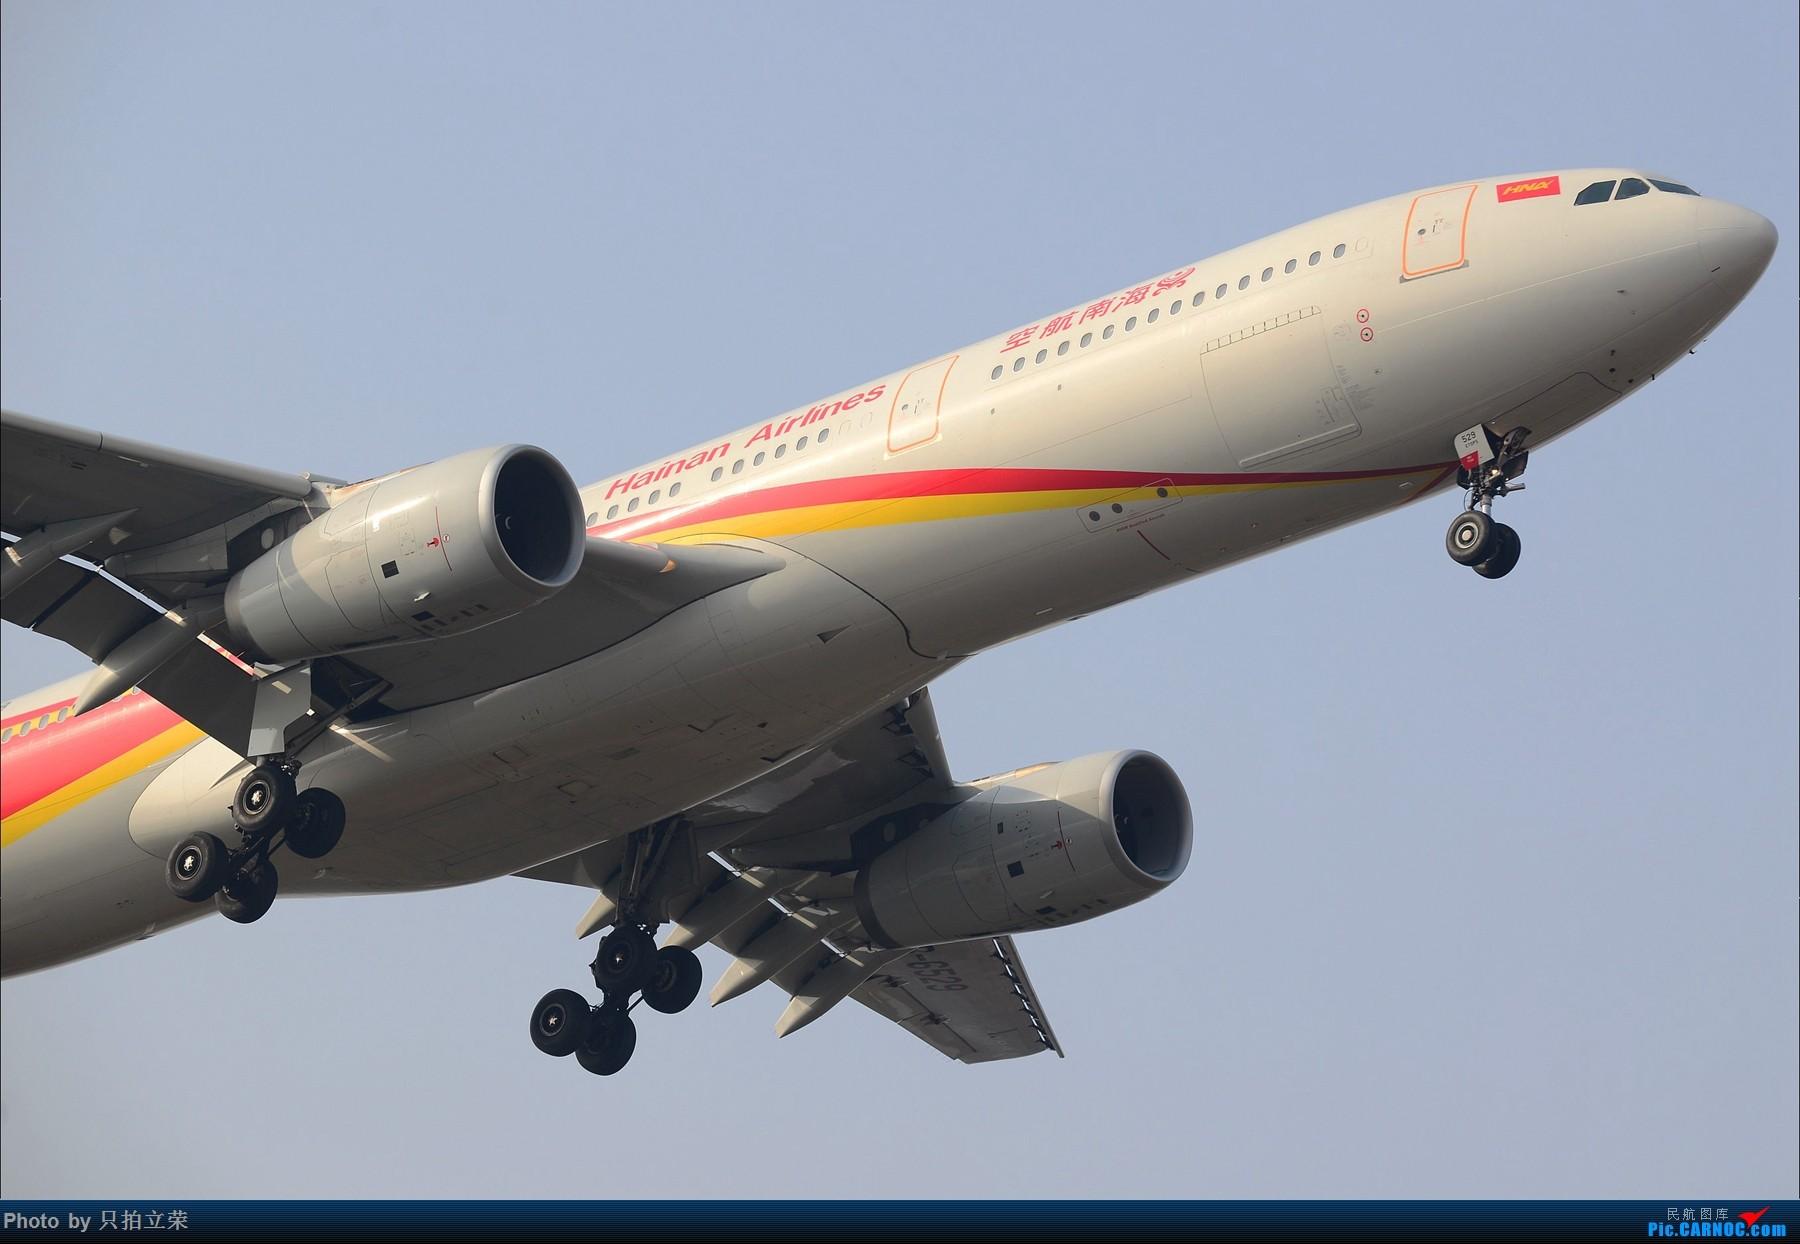 Re:[原创]湖南飞友会:三家max齐聚长沙,三种333发动机大比拼! AIRBUS A330-300 B-6529 中国长沙黄花国际机场